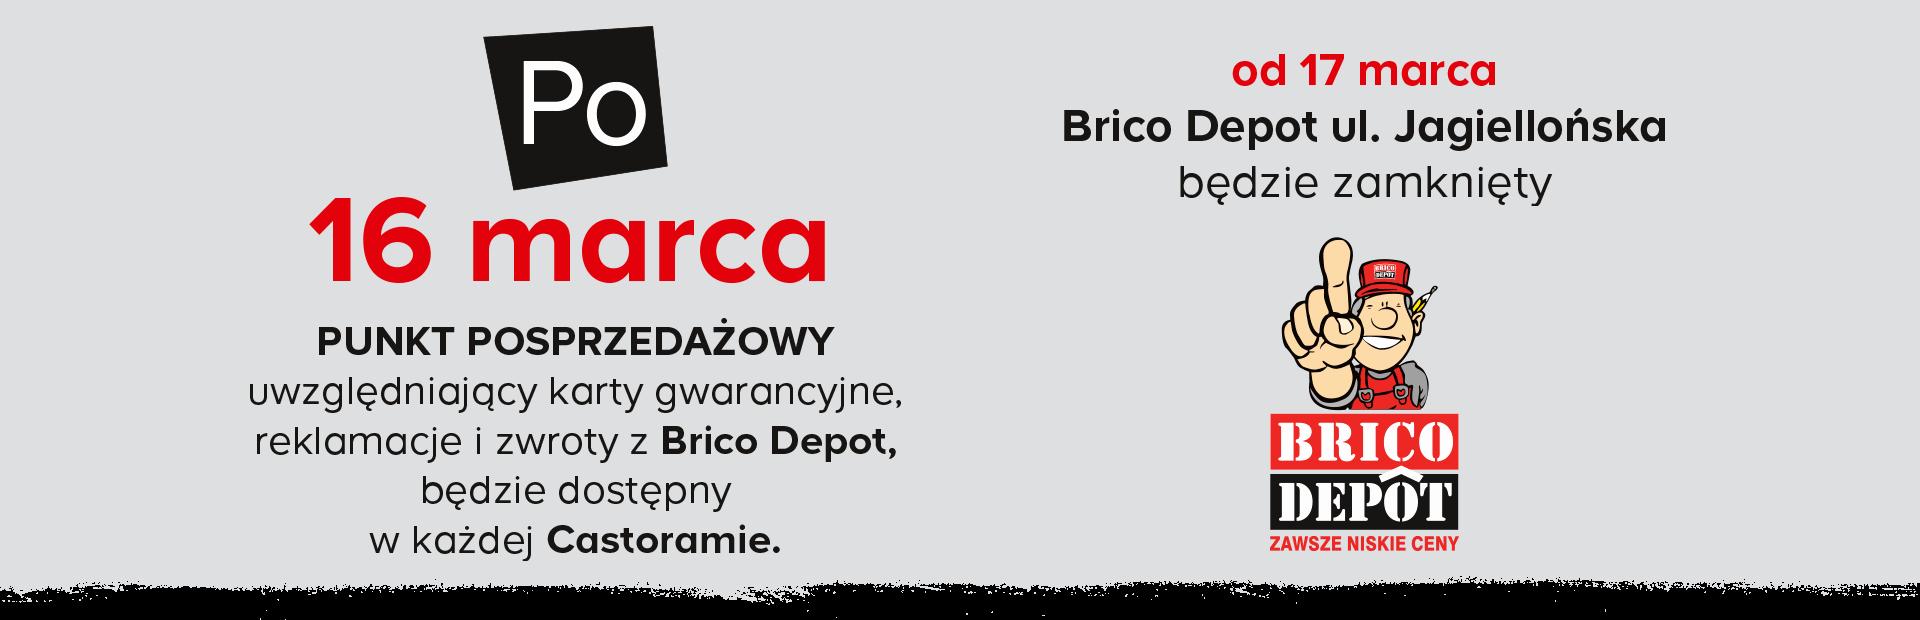 Armoire De Jardin Brico Depot Meilleur De Photos Alarme Maison Brico Depot Beau Résultat Supérieur 60 Incroyable